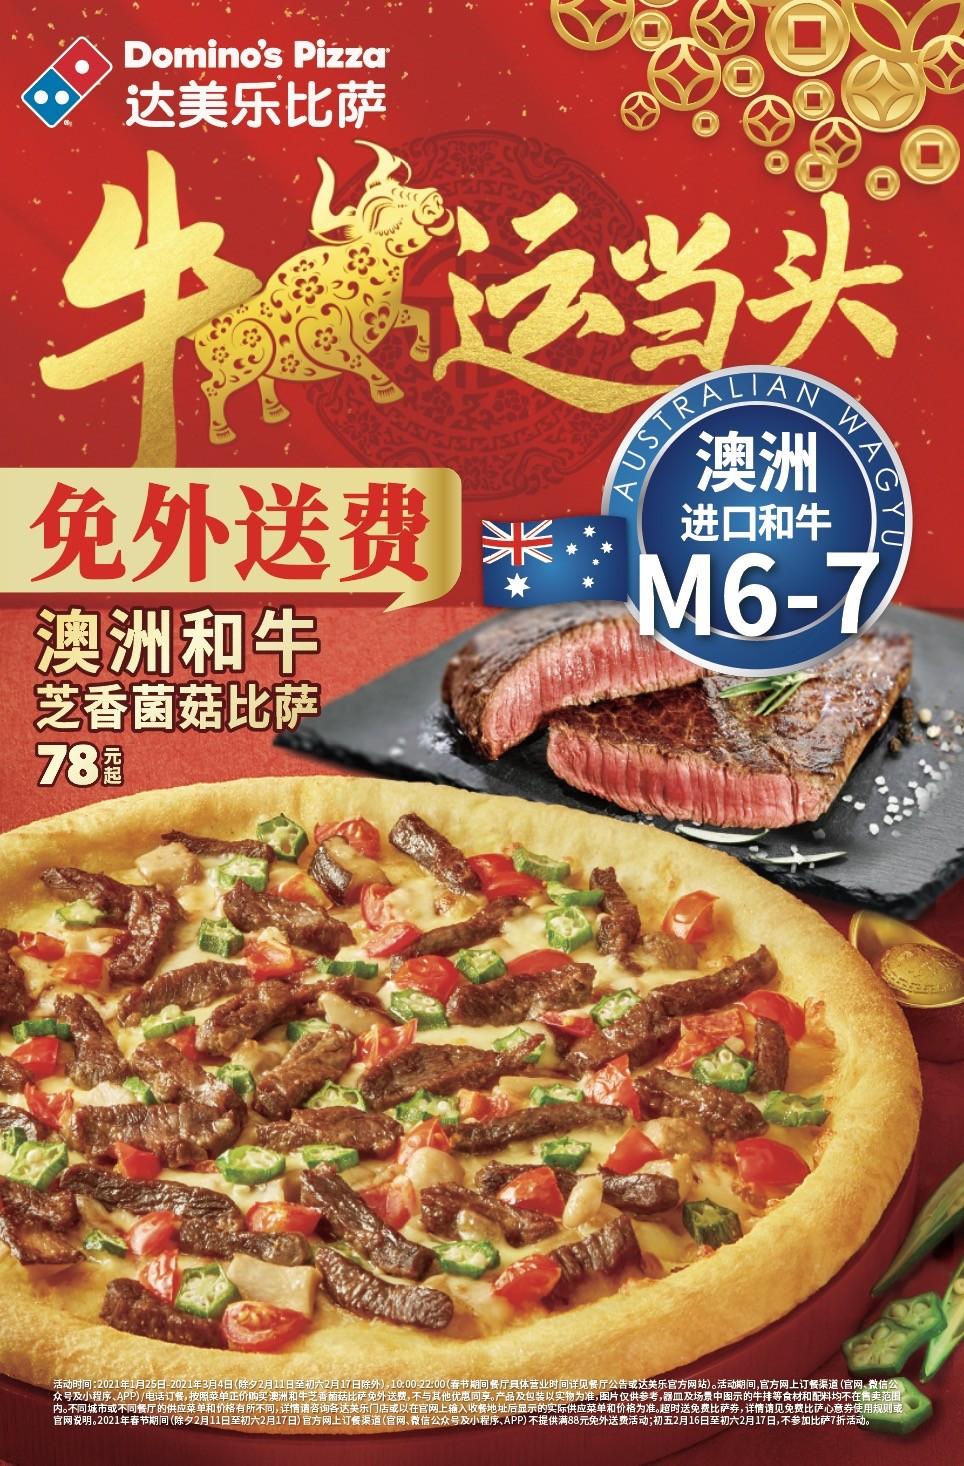 牛运当头!达美乐迎春新品澳洲和牛芝香菌菇比萨正价购买免外送费 更有小食讨新春彩头